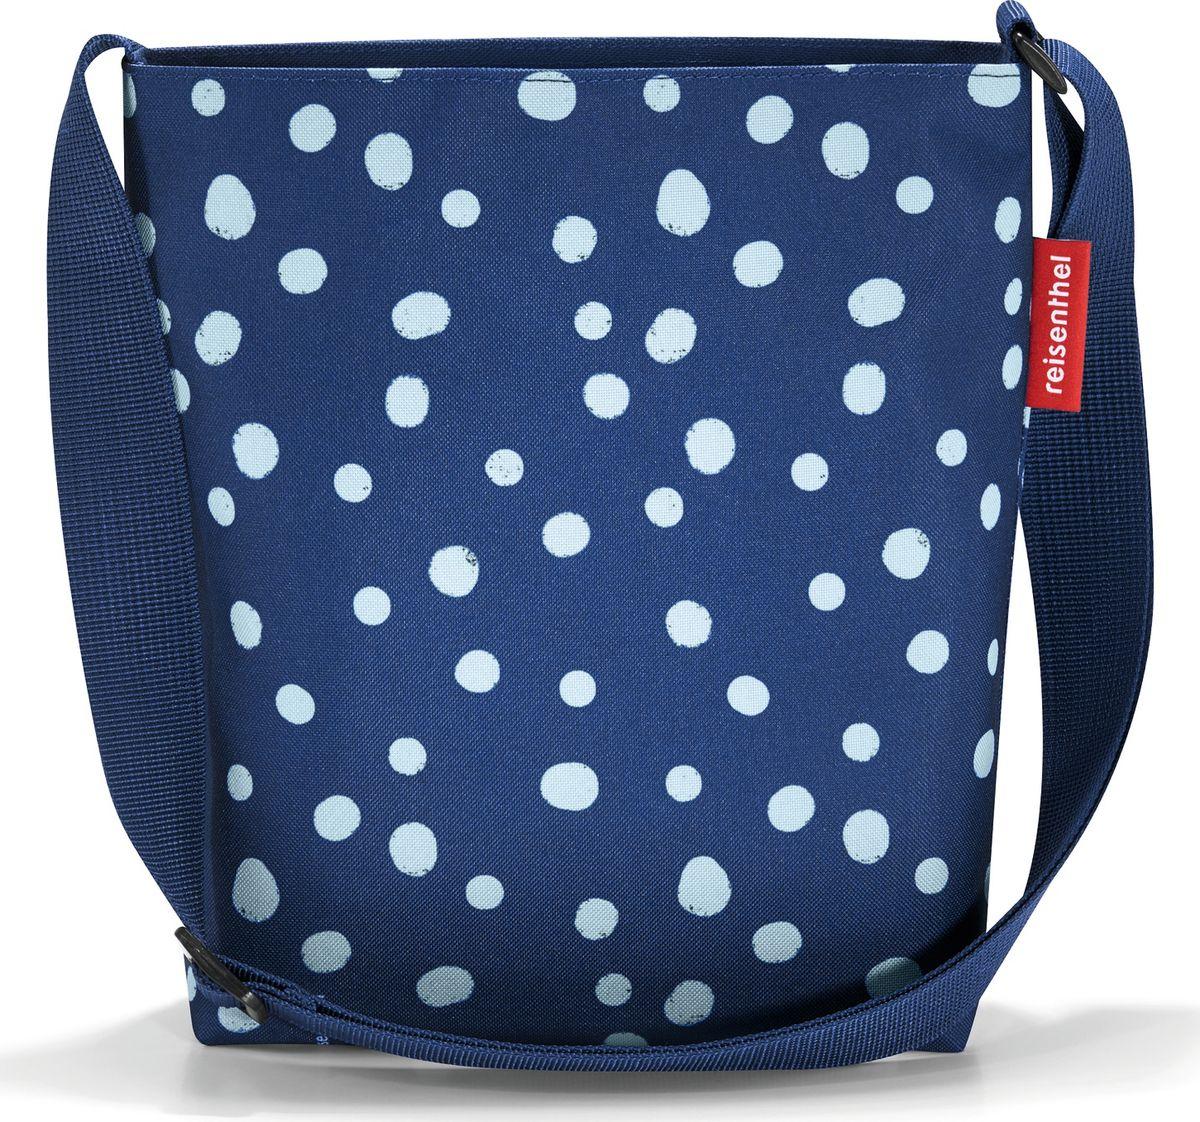 Сумка женская Reisenthel Shoulderbag S, цвет: синий. HY4044HY4044Простая, но очень вместительная сумка на плечо. Сочетание нескольких цветов позволяет носить сумку со множеством самых разных нарядов, не изменяя собственному стилю. Застегивается на молнию. Широкий удобный ремень регулируемой длины.